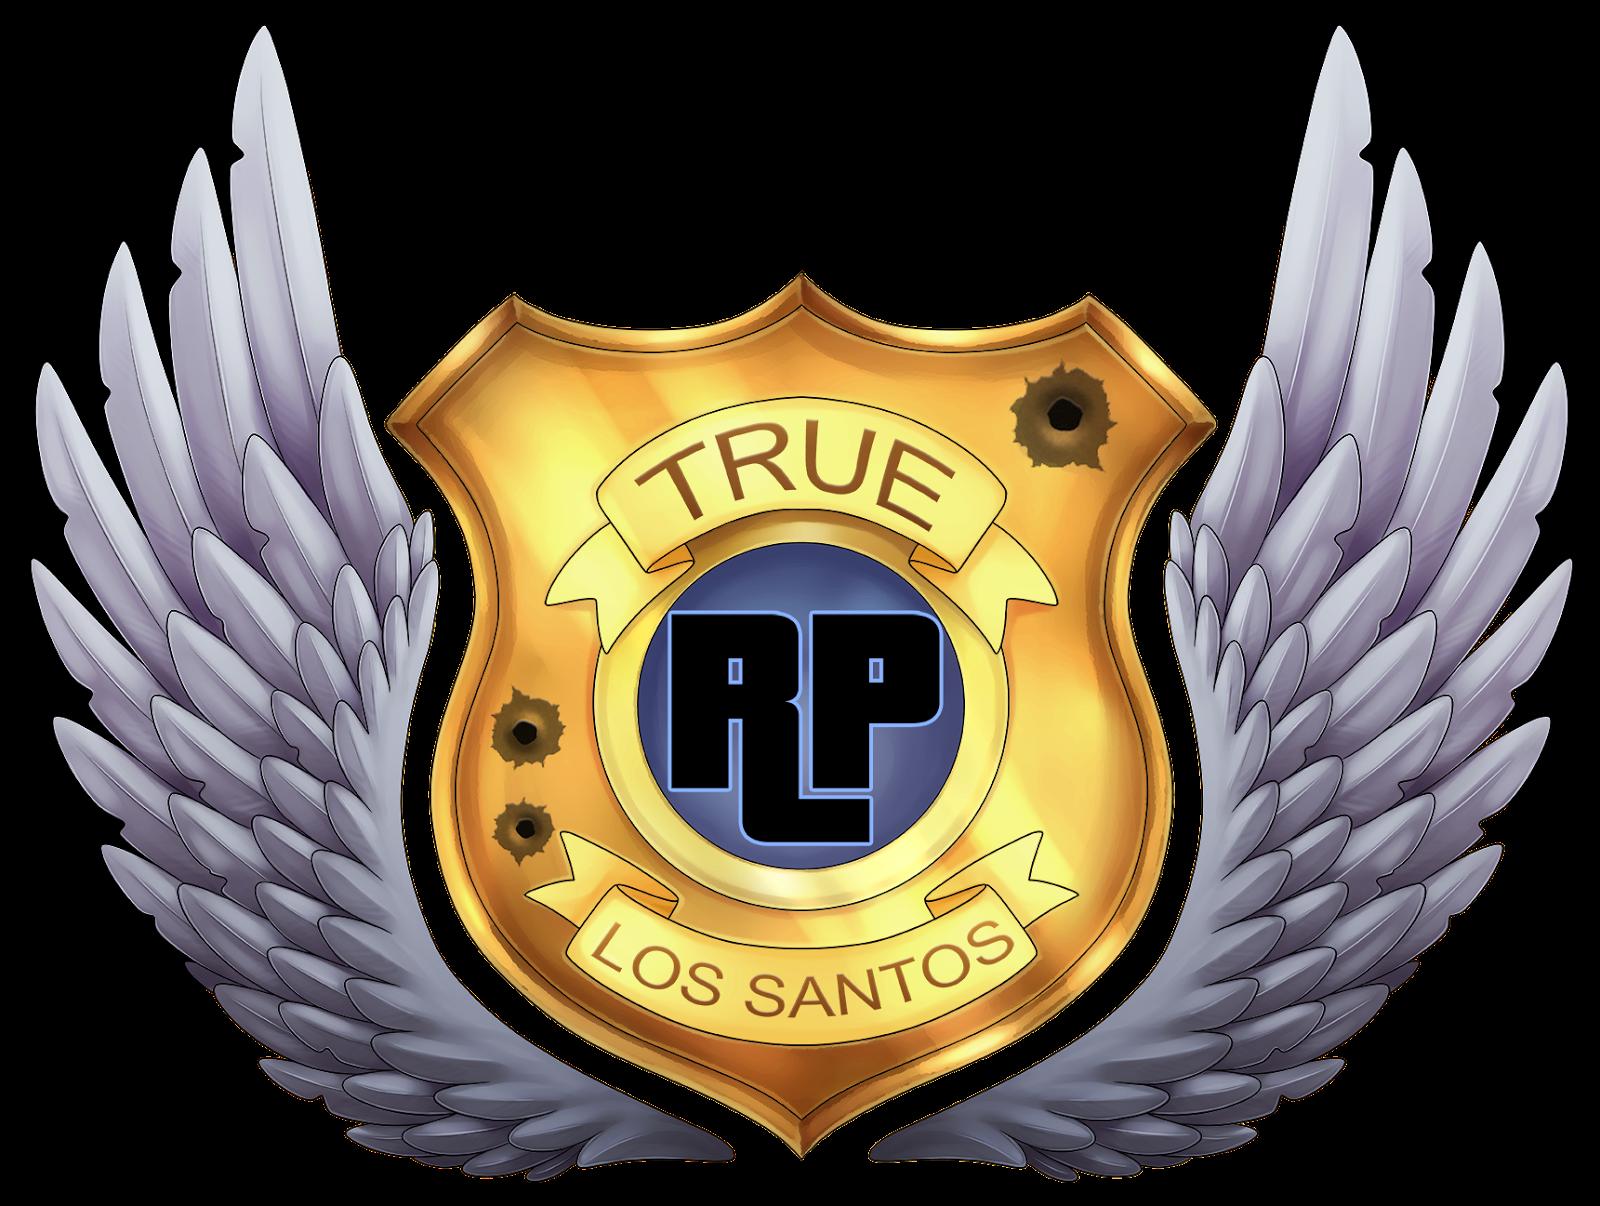 True Los Santos RP